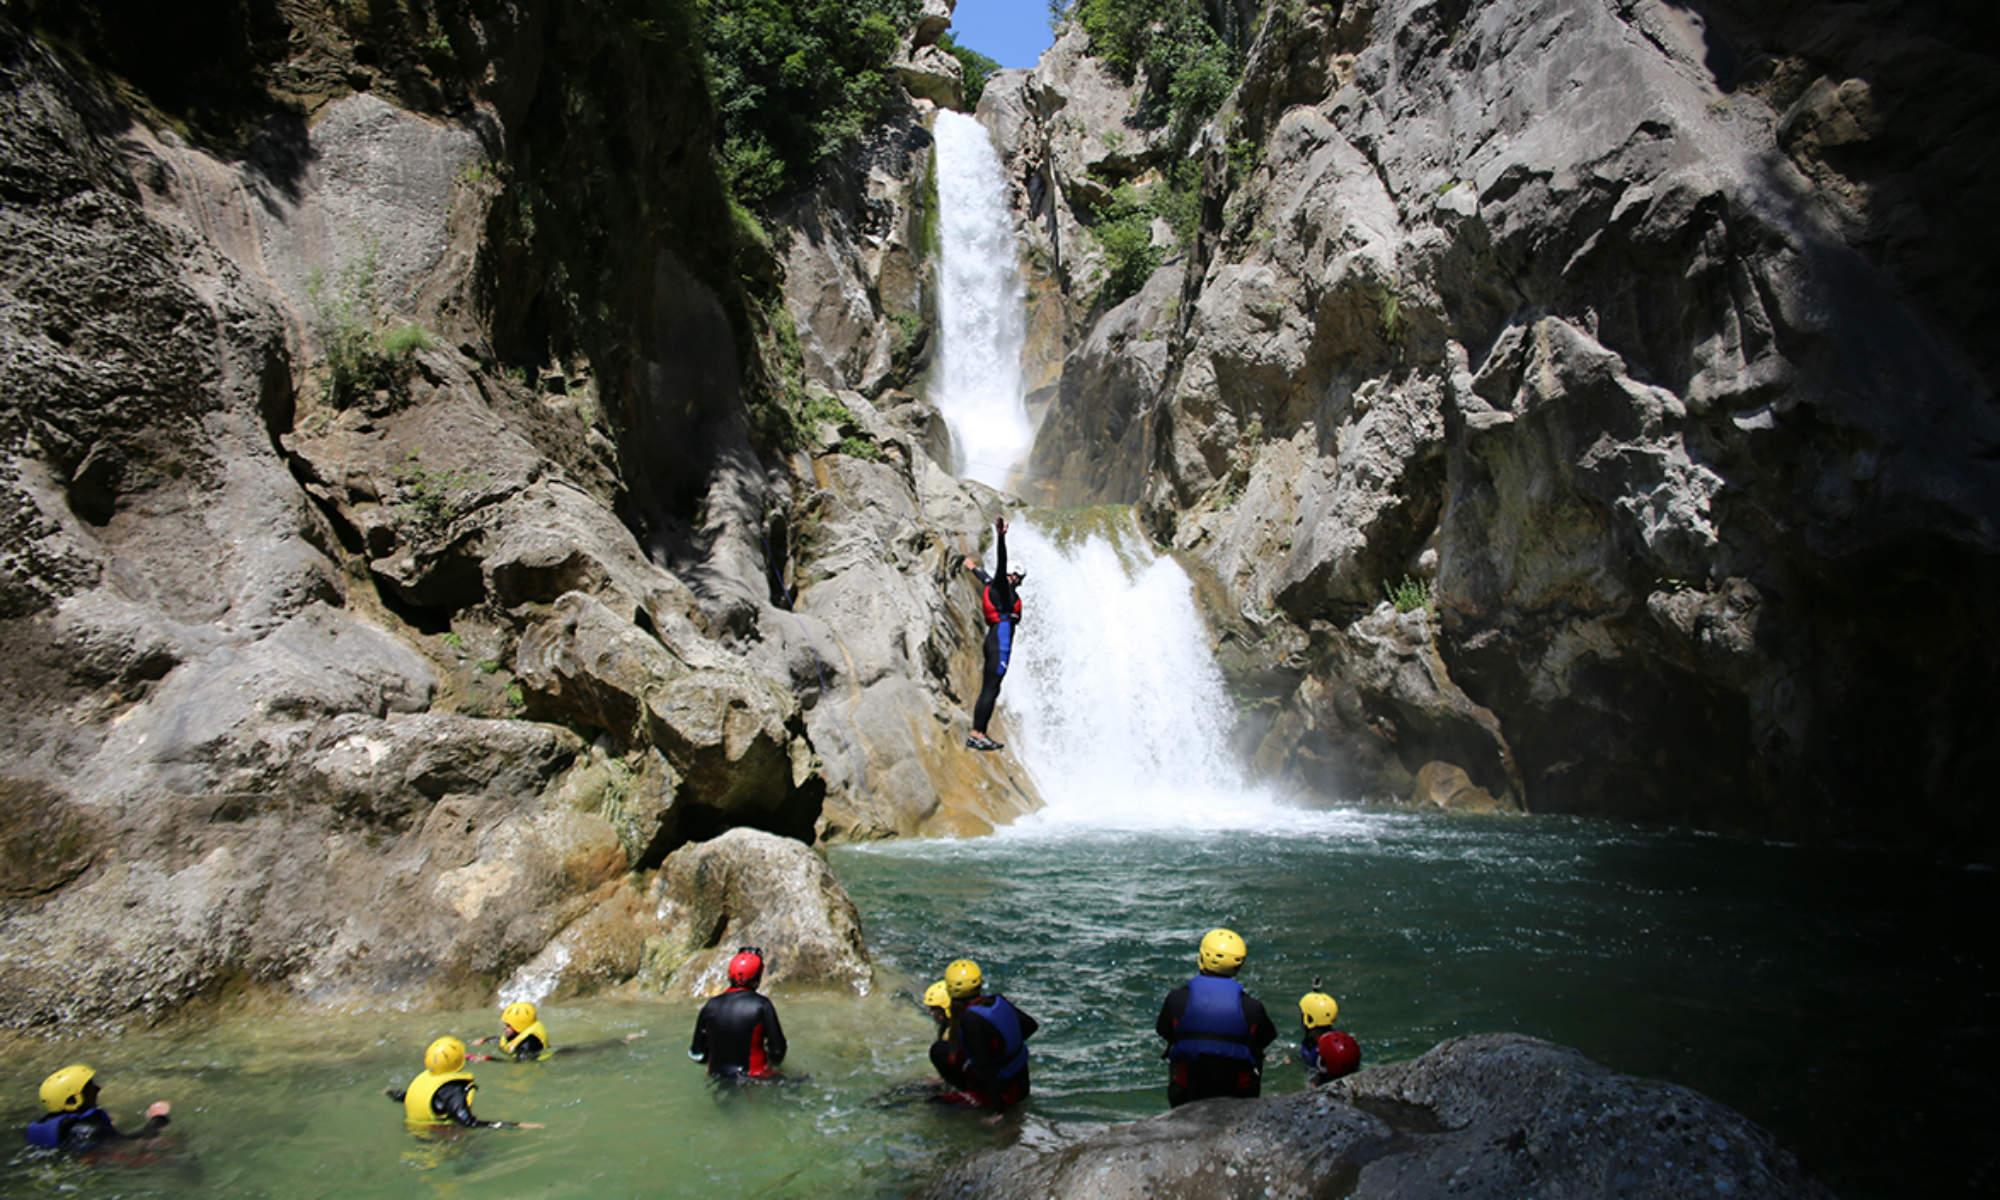 Un canyoniste saute dans la rivière Cetina sous les yeux de plusieurs canyonistes.